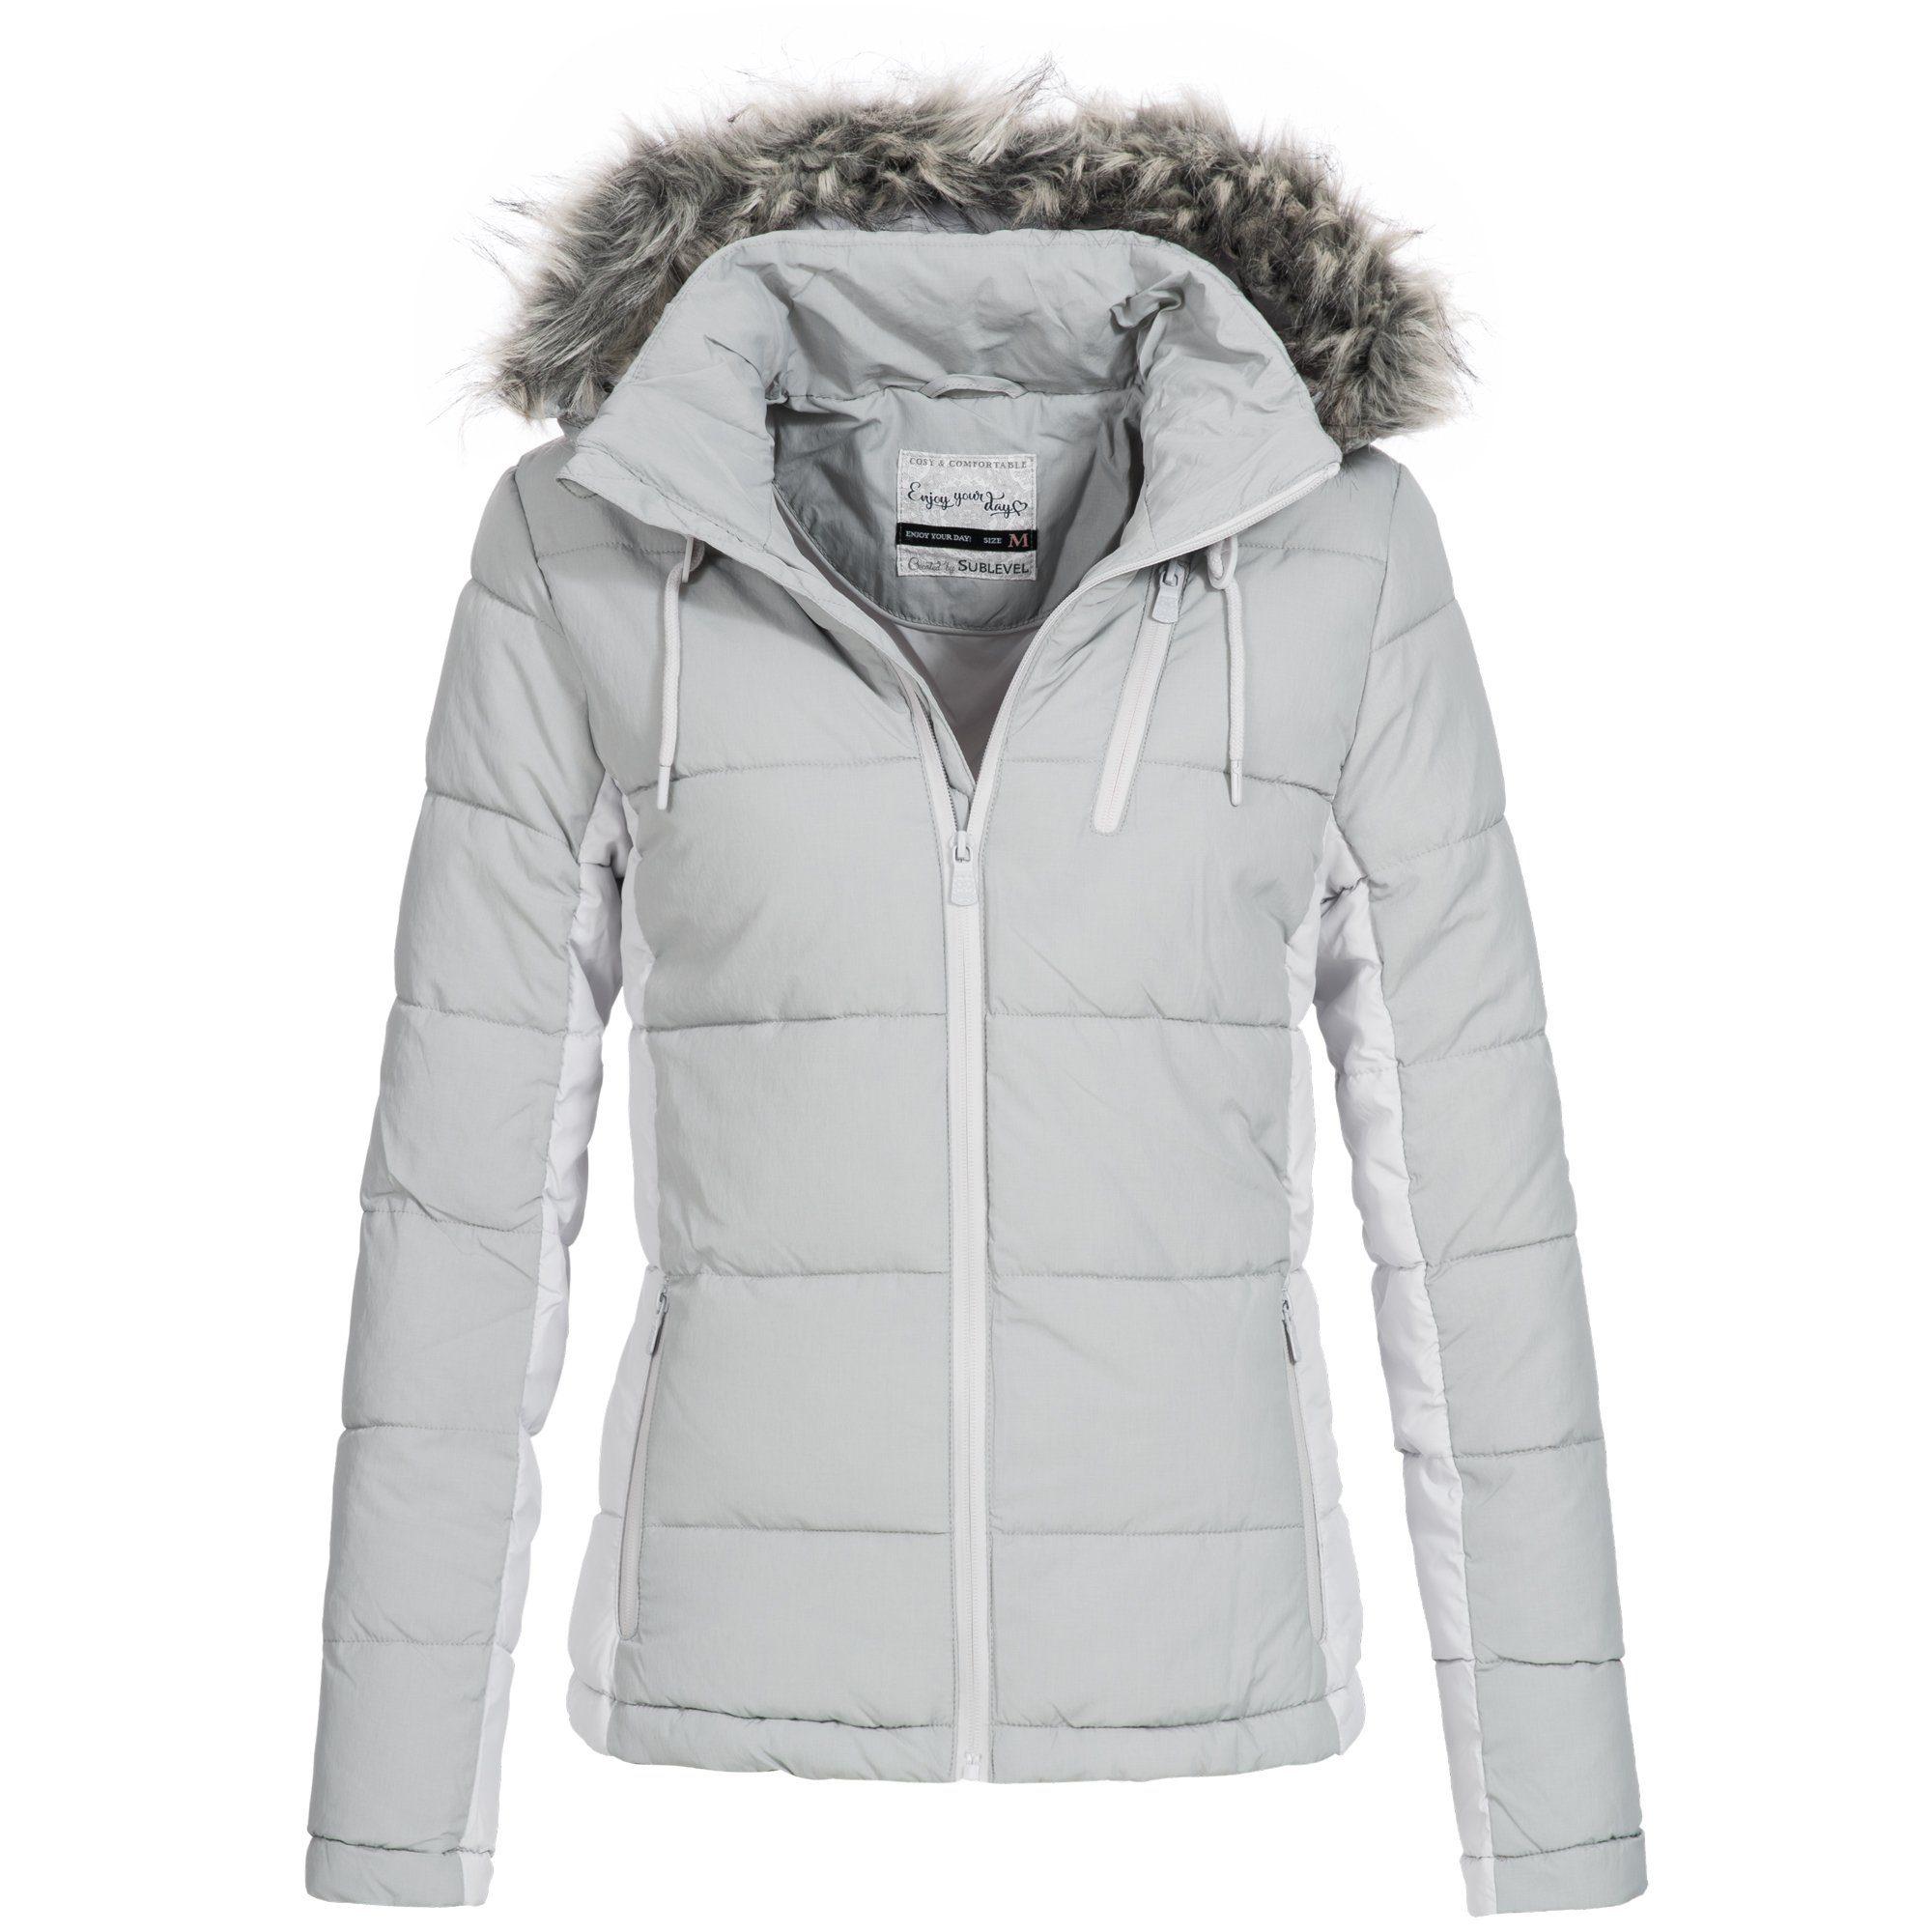 Sublevel Damen Winter Jacke abnehmb. Kapuze 2 Pockets